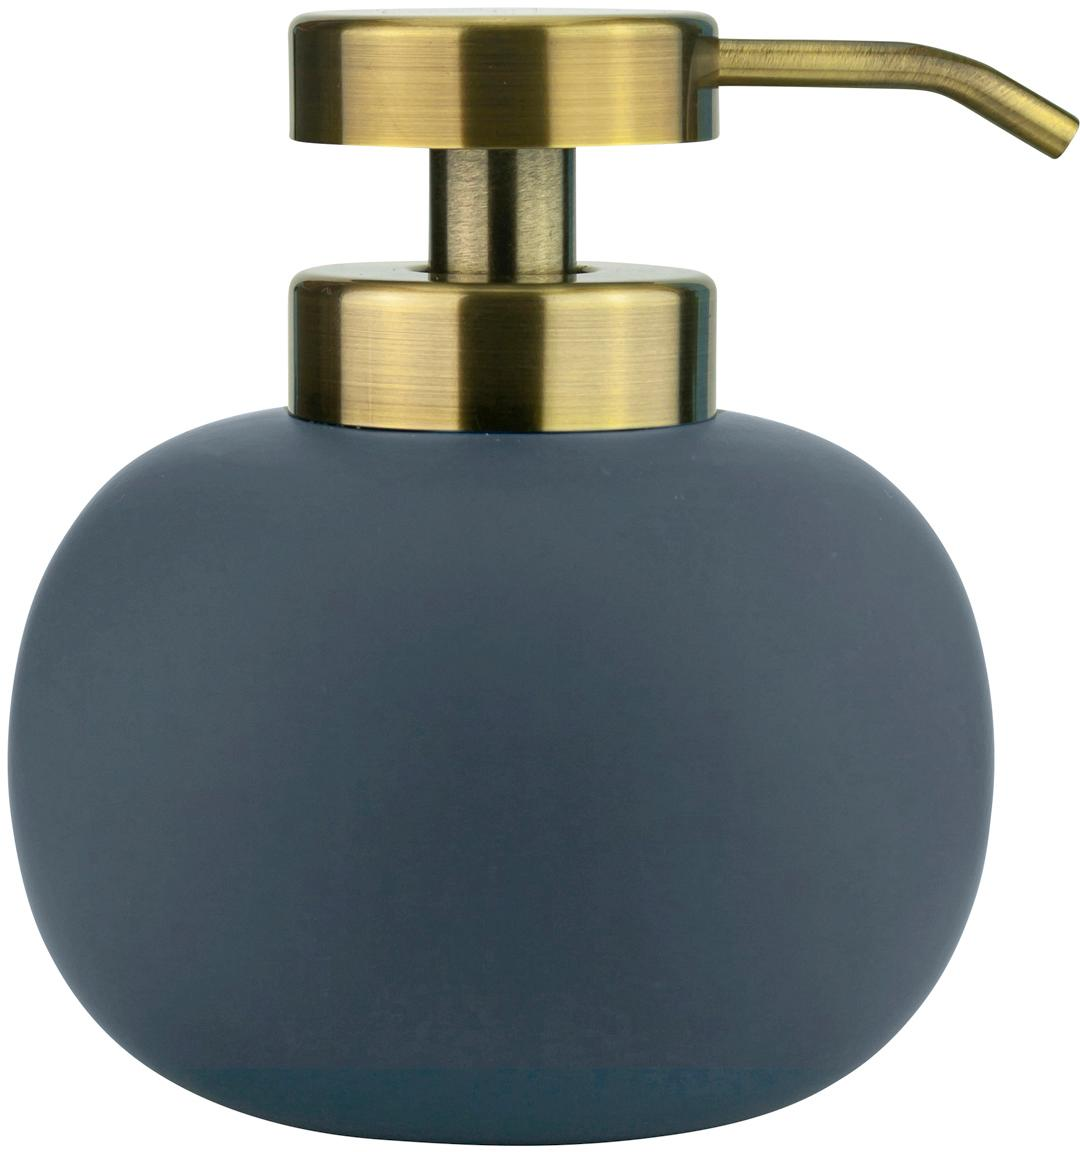 Dozownik do mydła Lotus, Niebieski, odcienie mosiądzu, Ø 11 x W 13 cm